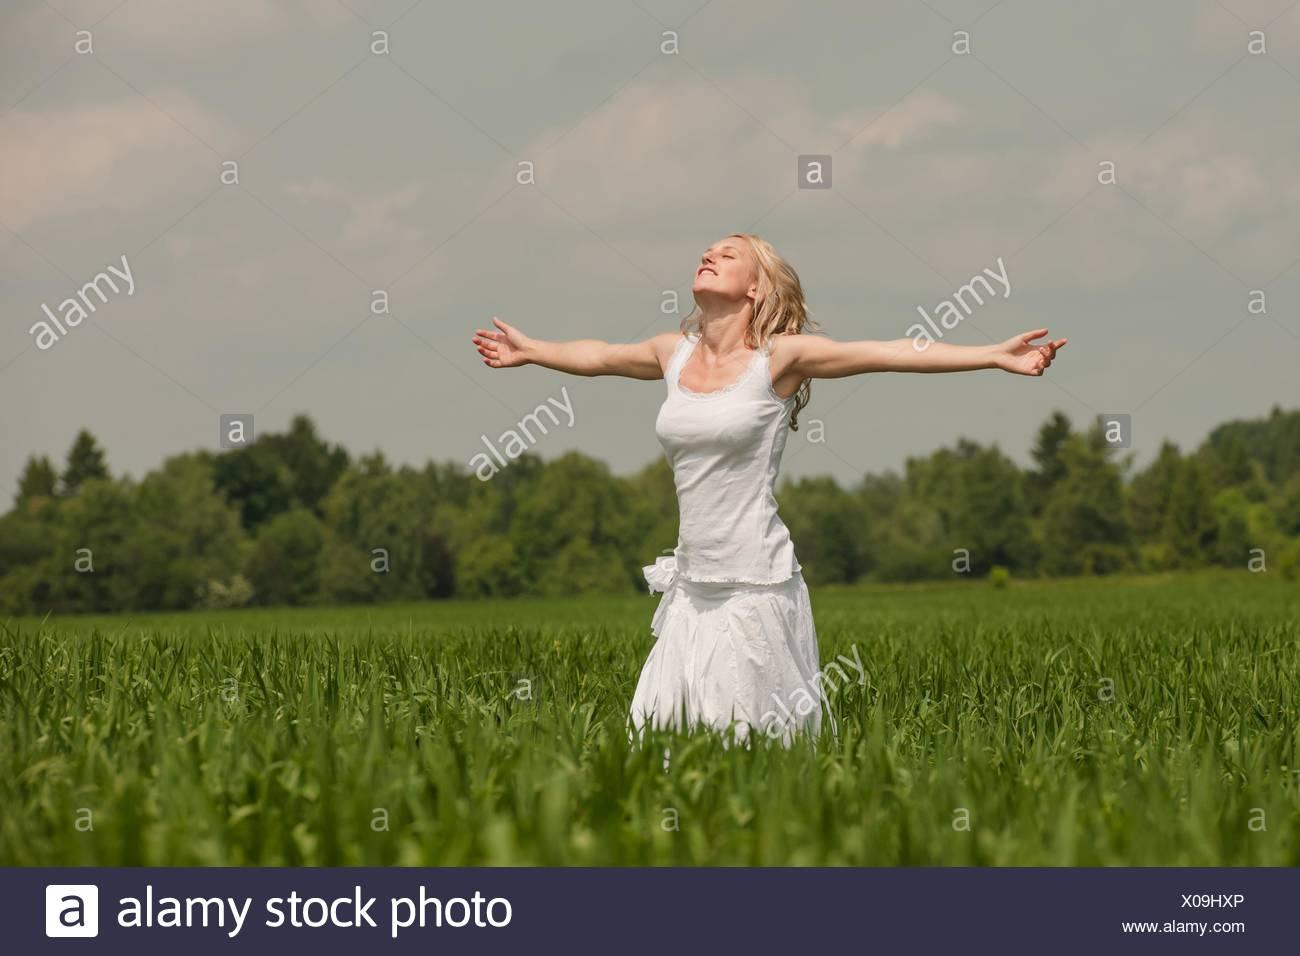 Erfolg, Glück, Glücksgefühl, Fliegen, Frei, radios, Freiheit, Jubel, Euphorie, Begeisterung, Enthusiasmus, Freude, Glückliche, Begeistert, Lächeln, Ausgestreckt, Sommerkleid, Jung, Frau, Mädchen, Keck, Sehnsucht, luxure, Spaß, Natur, Wiese, Gras, Strahlend, Charismatisch, charisme, Heiter, Sinnlichkeit, sinnlich, Kokett, Froh, Fröhlich, Zufriedenheit, heureux, Zufrieden, Natürlich, hübsch, Schön, blonde, Blondine, verträumt, träumen, Traum, personne, Mensch, weiblich, Attraktiv, ein erfreulicher aussehend Anblick, gut, eine Augenweide, Reizend, Alleinstehend, seul, solo, Allein, Dynamisch, Photo Stock